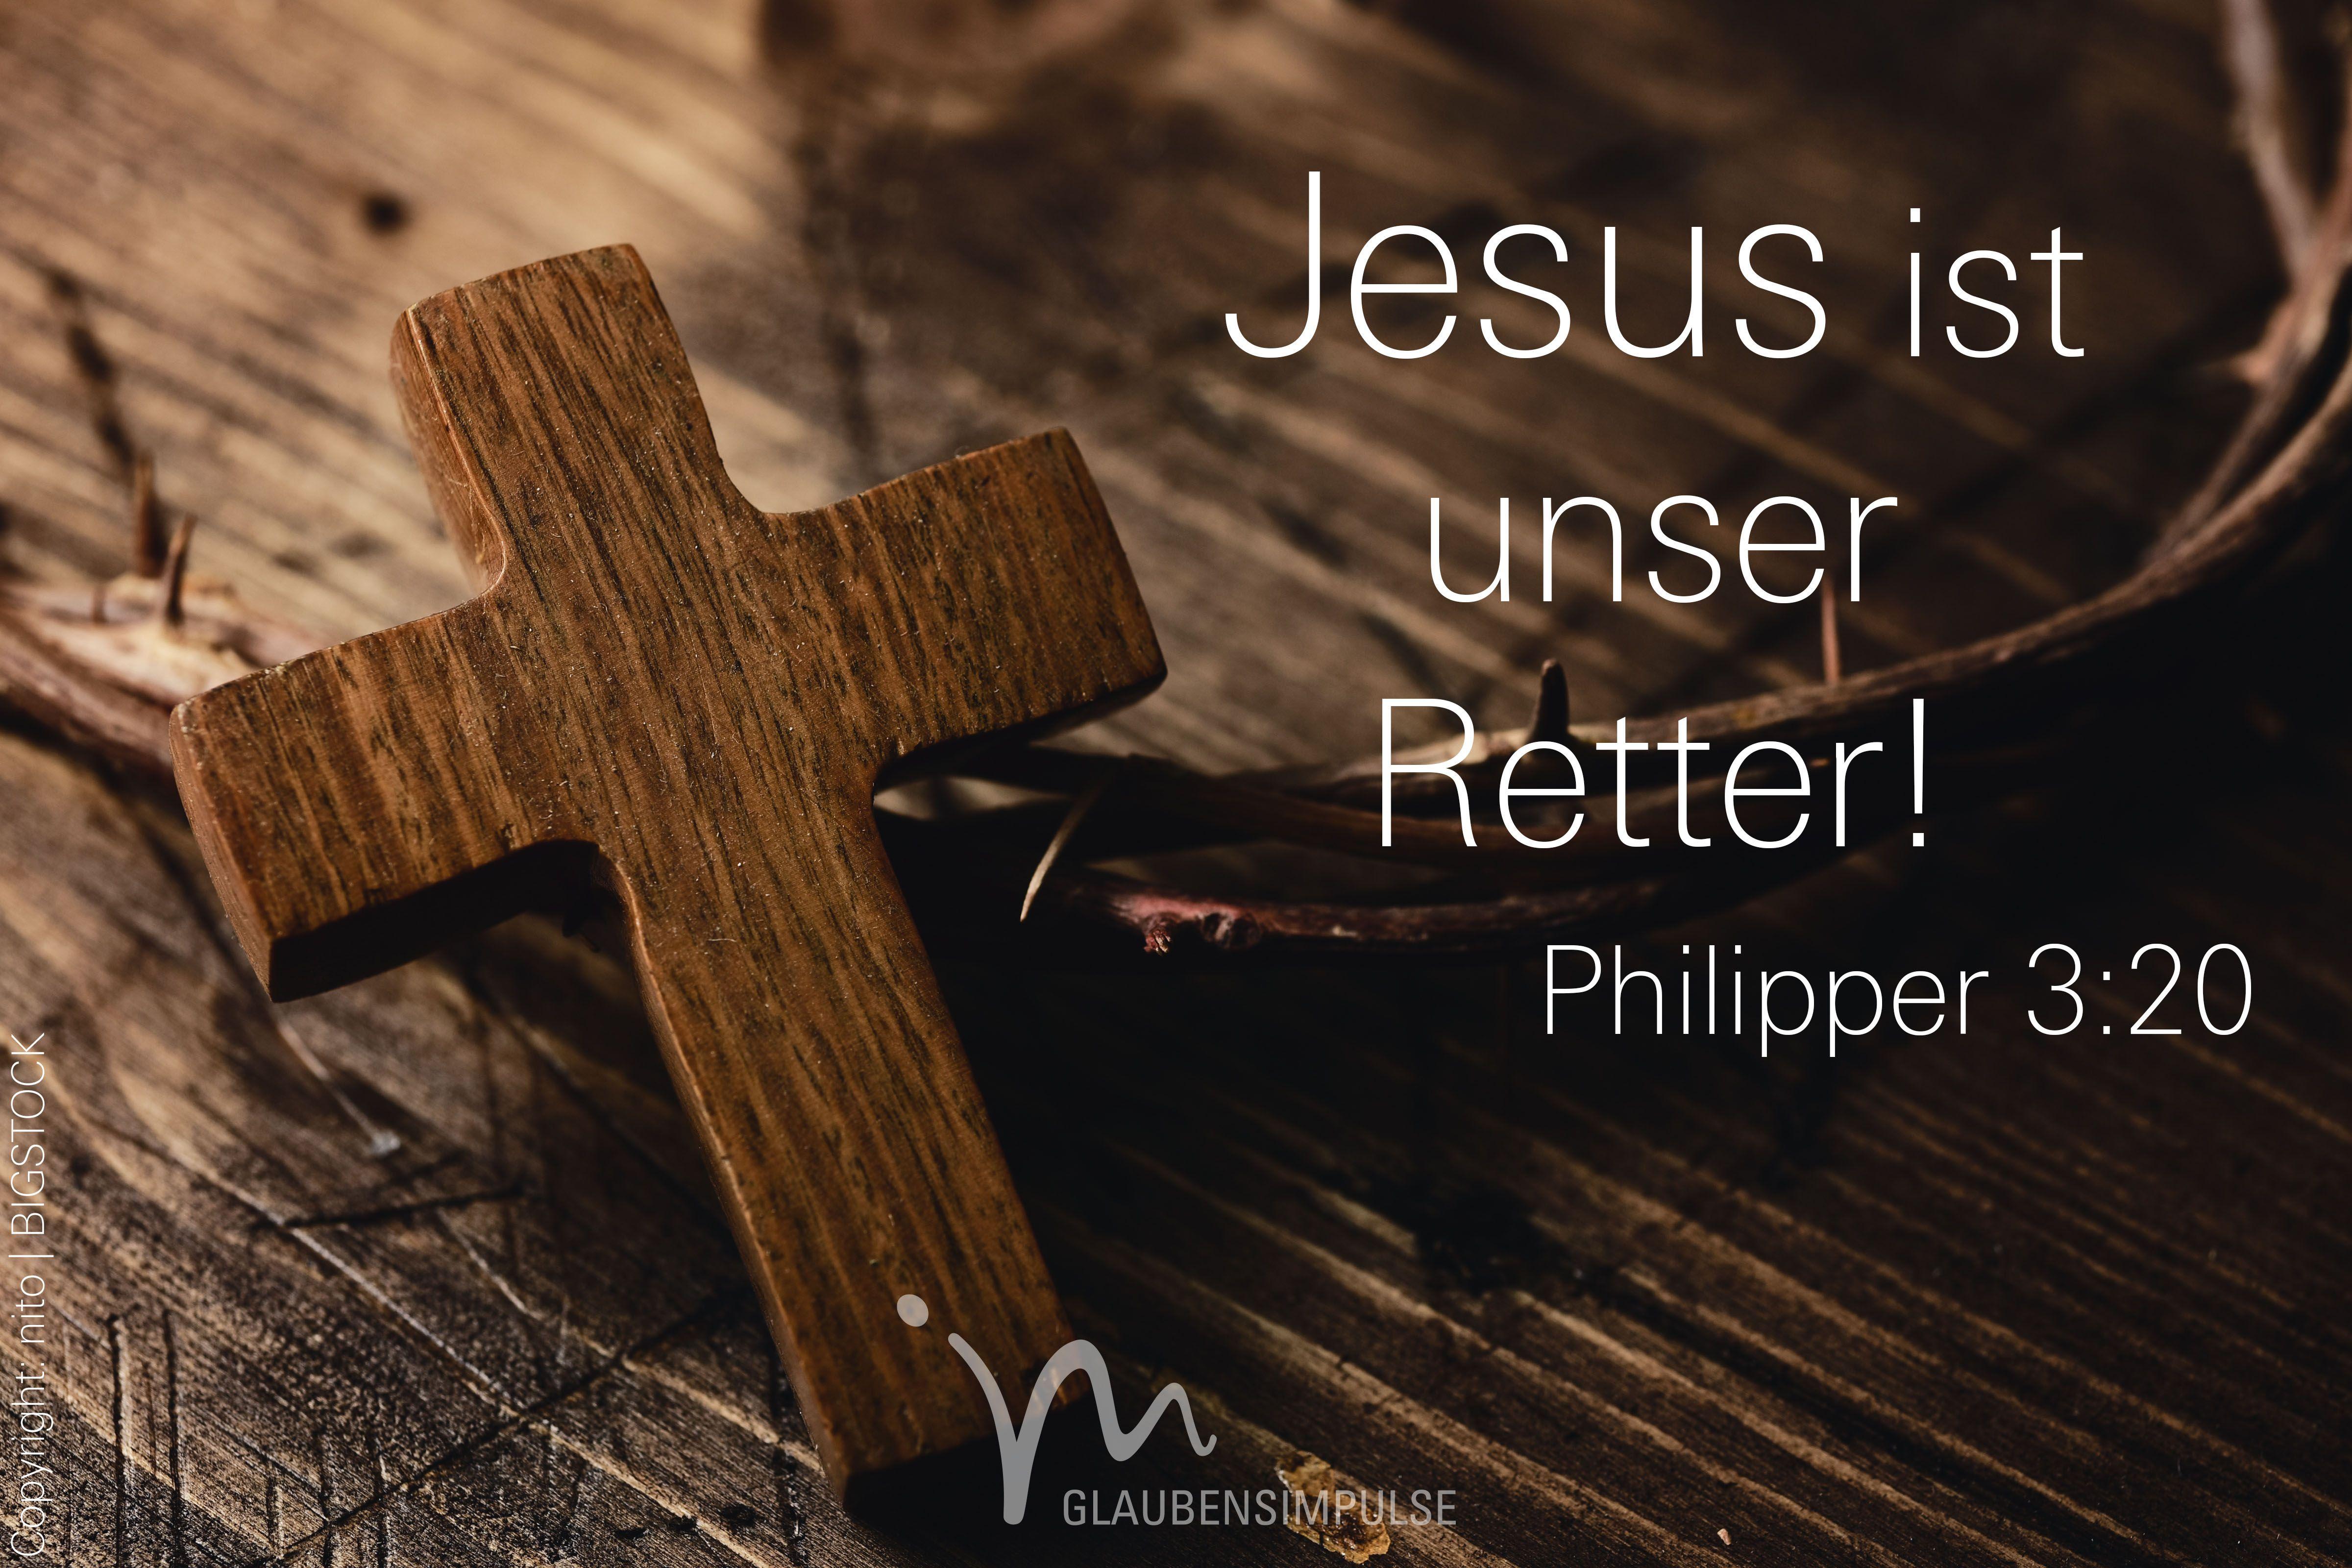 Wir Dagegen Haben Unsere Heimat Im Himmel Von Dort Erwarten Wir Auch Jesus Christus Unseren Retter Philipper Christlicher Glaube Glaube Zitate Bibel Vers